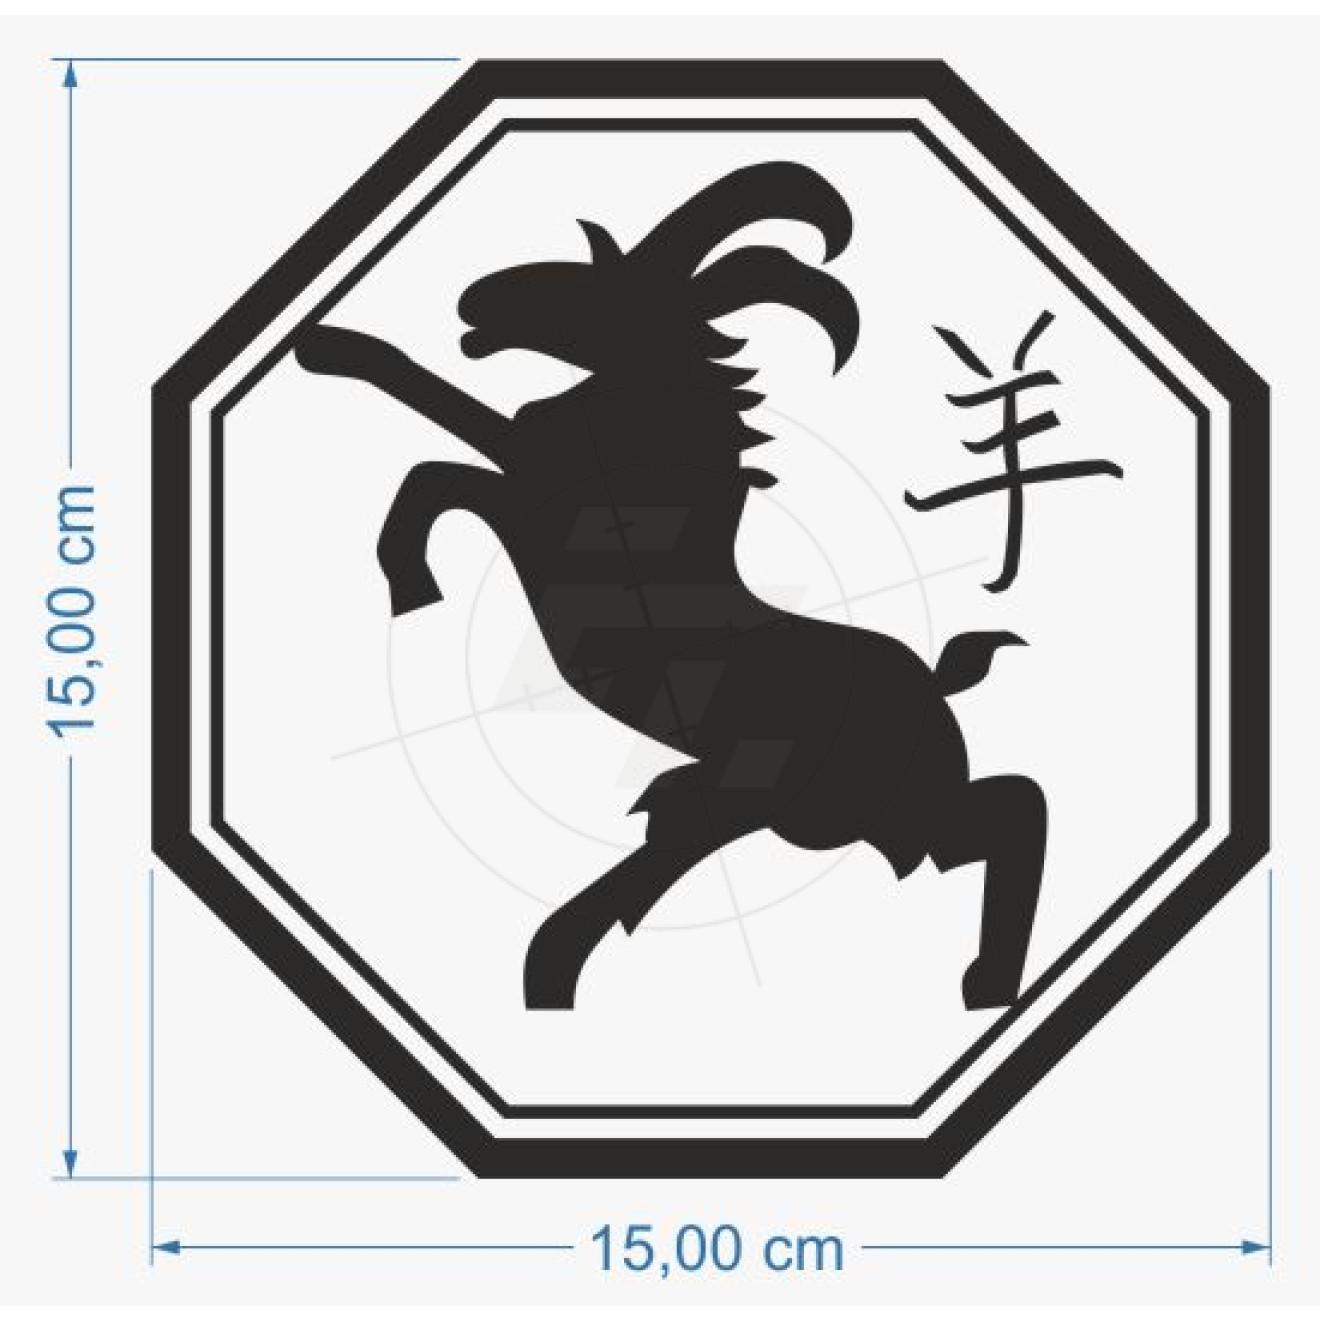 Schaf, Ziege, chinesisches Horoskop, Tierkreiszeichen, mit ...  Schaf, Ziege, c...